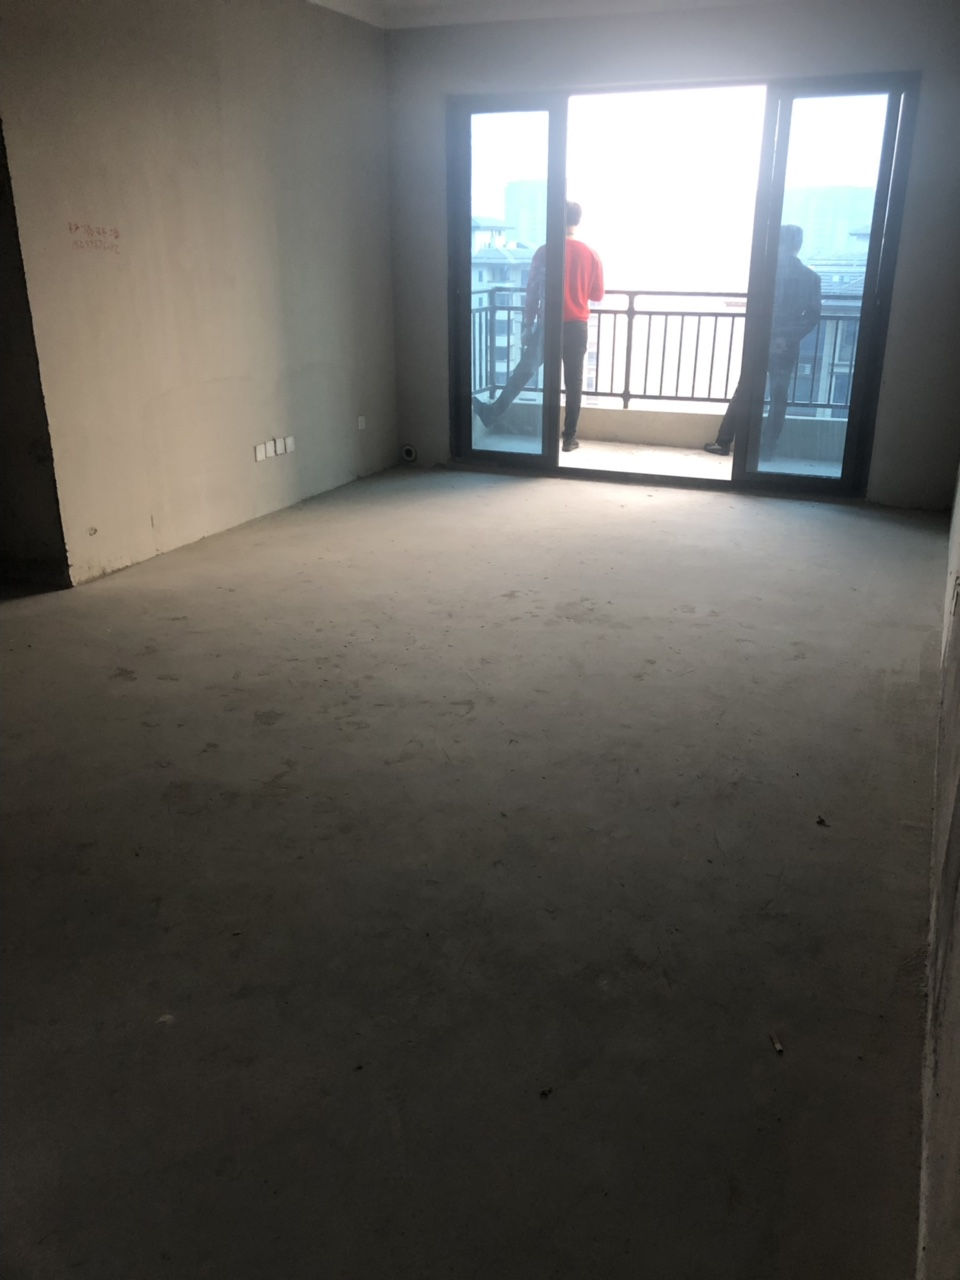 威尼斯人线上平台·碧桂园3室2厅1卫66万元可以按揭